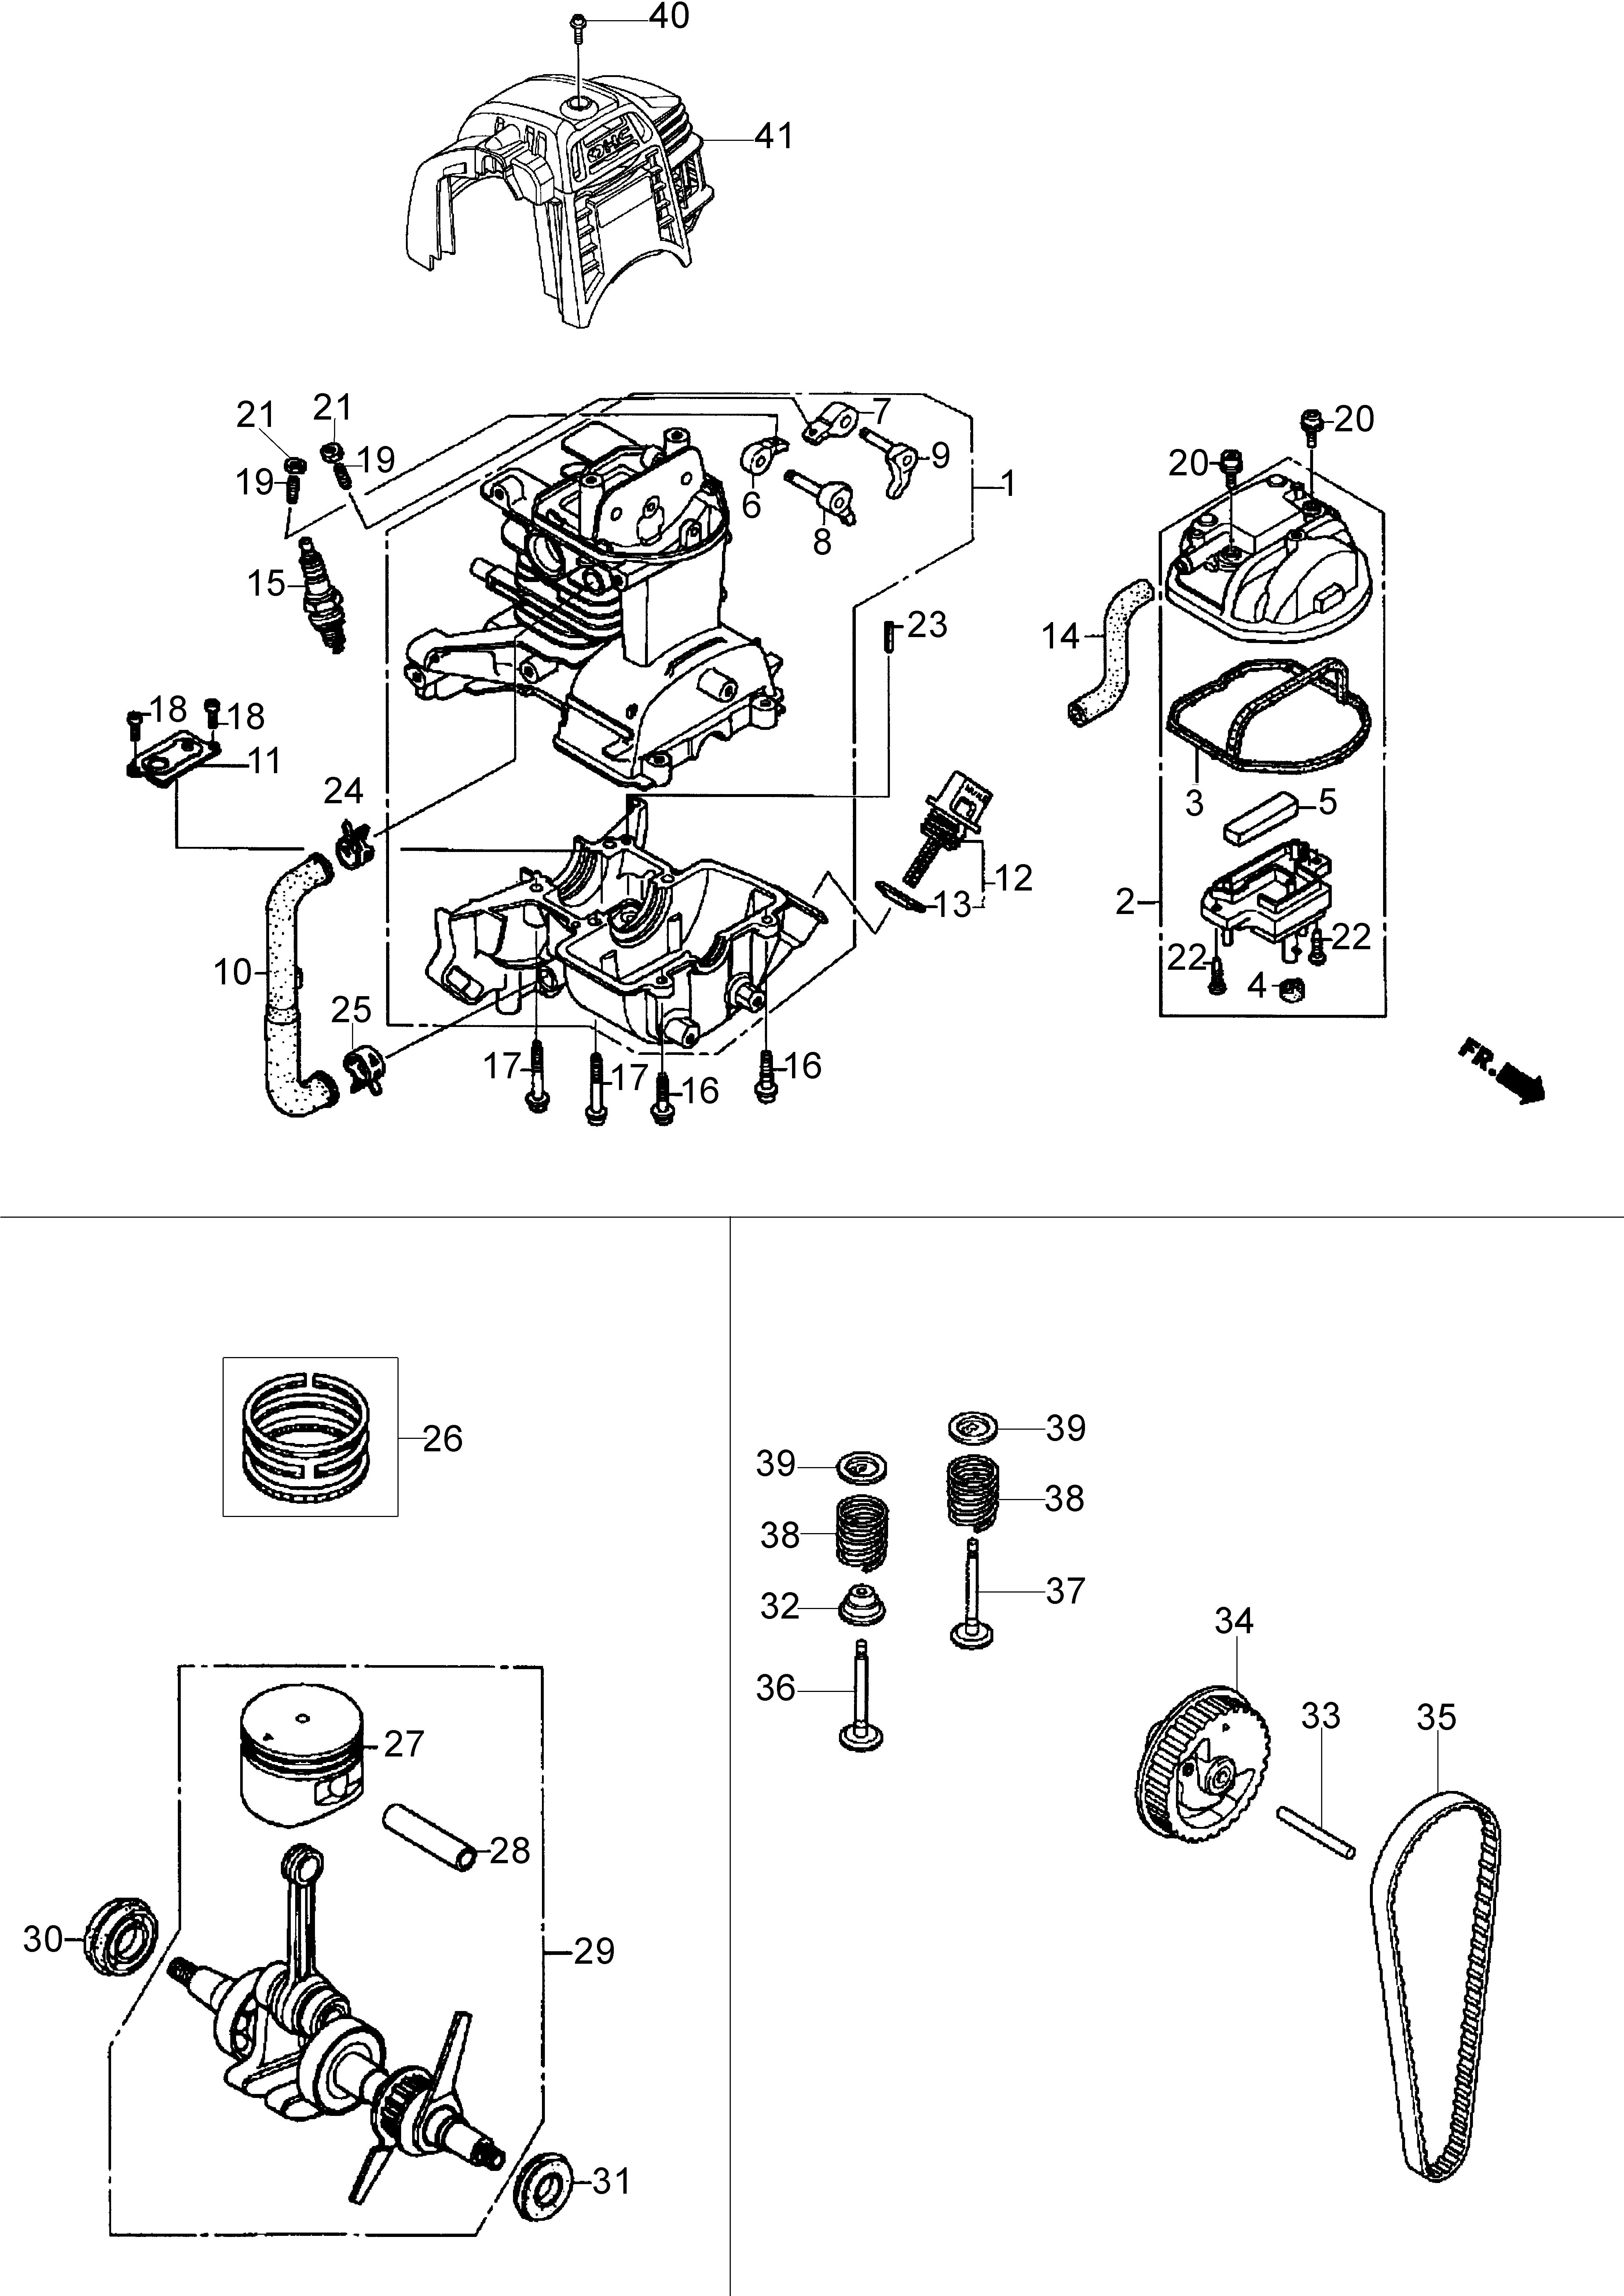 Honda GX25 Dessins pièces vue eclatée Moteur -